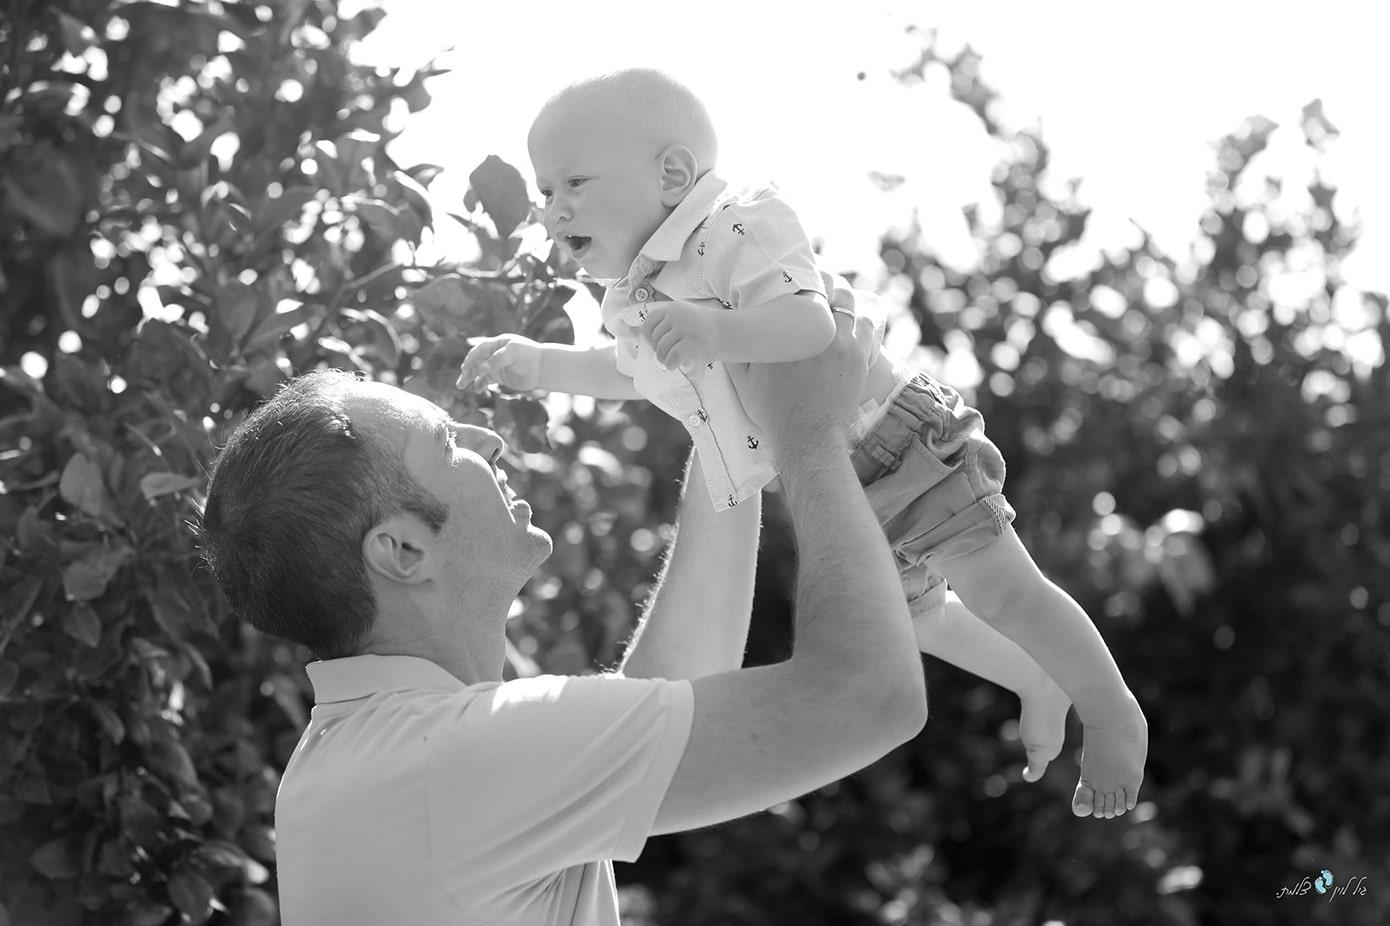 משפחת לויט צילומי גיל שנה סטודיו גיל לוין (8)